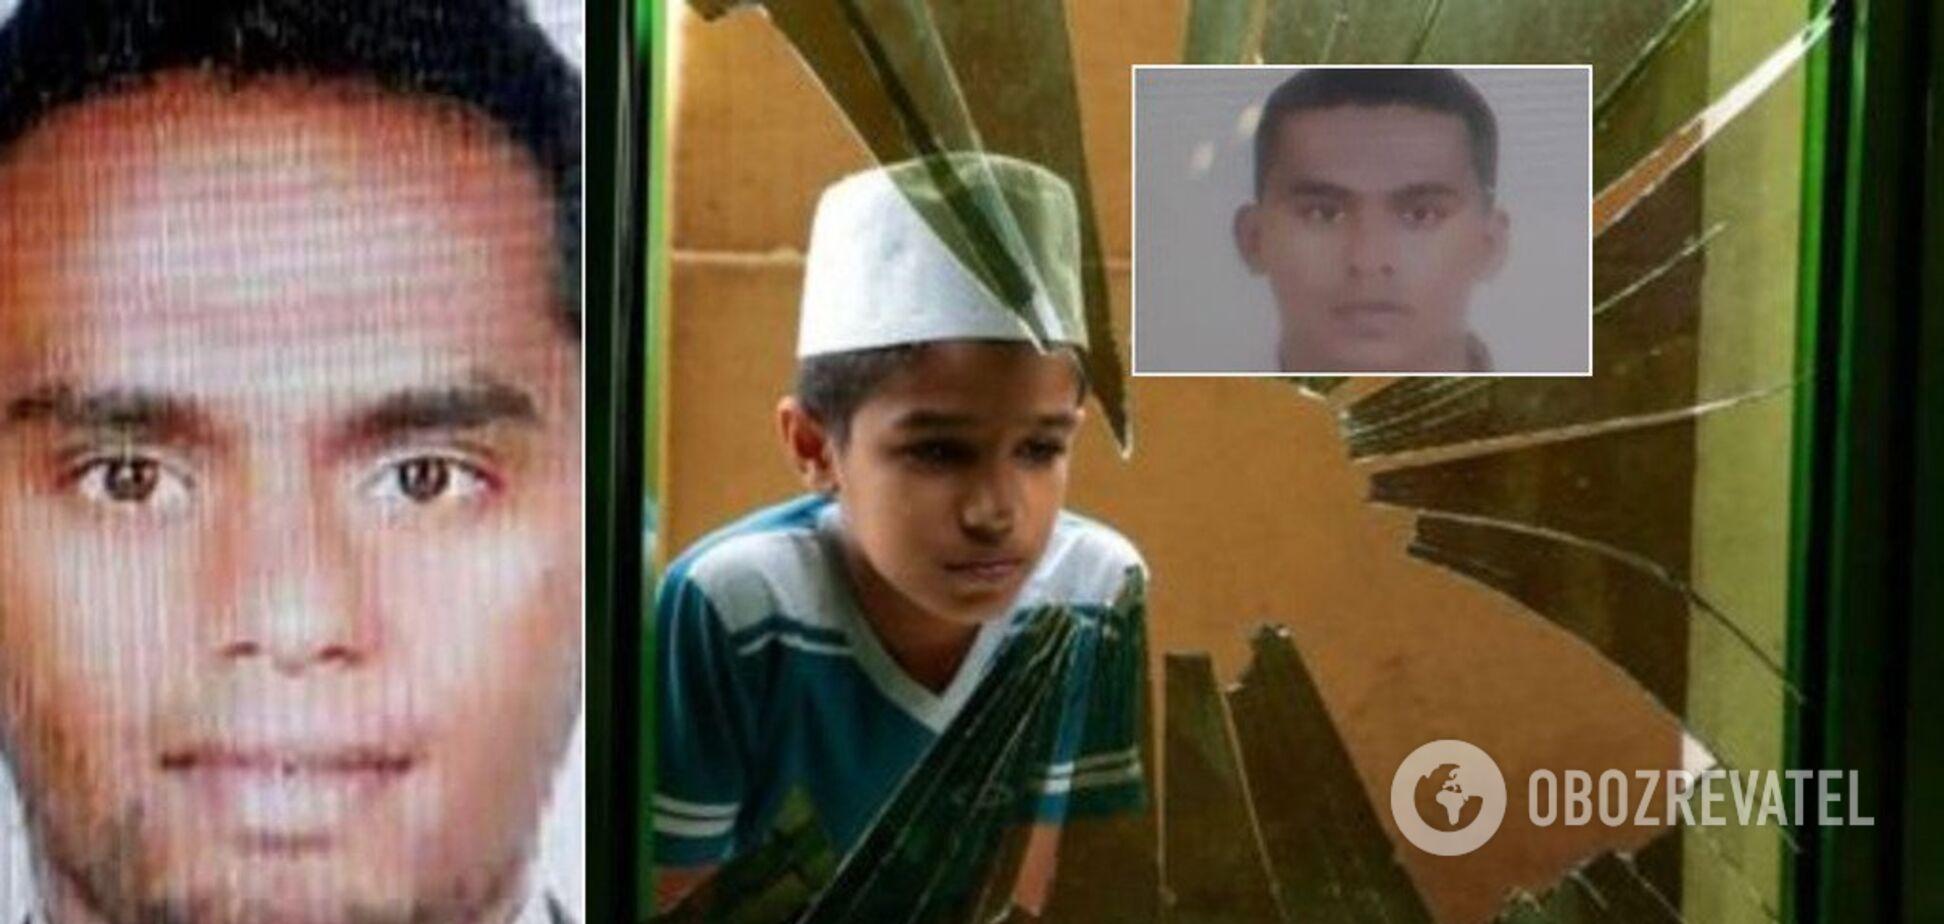 Багаті й шановані: названо імена смертників, які вбили сотні людей на Шрі-Ланці